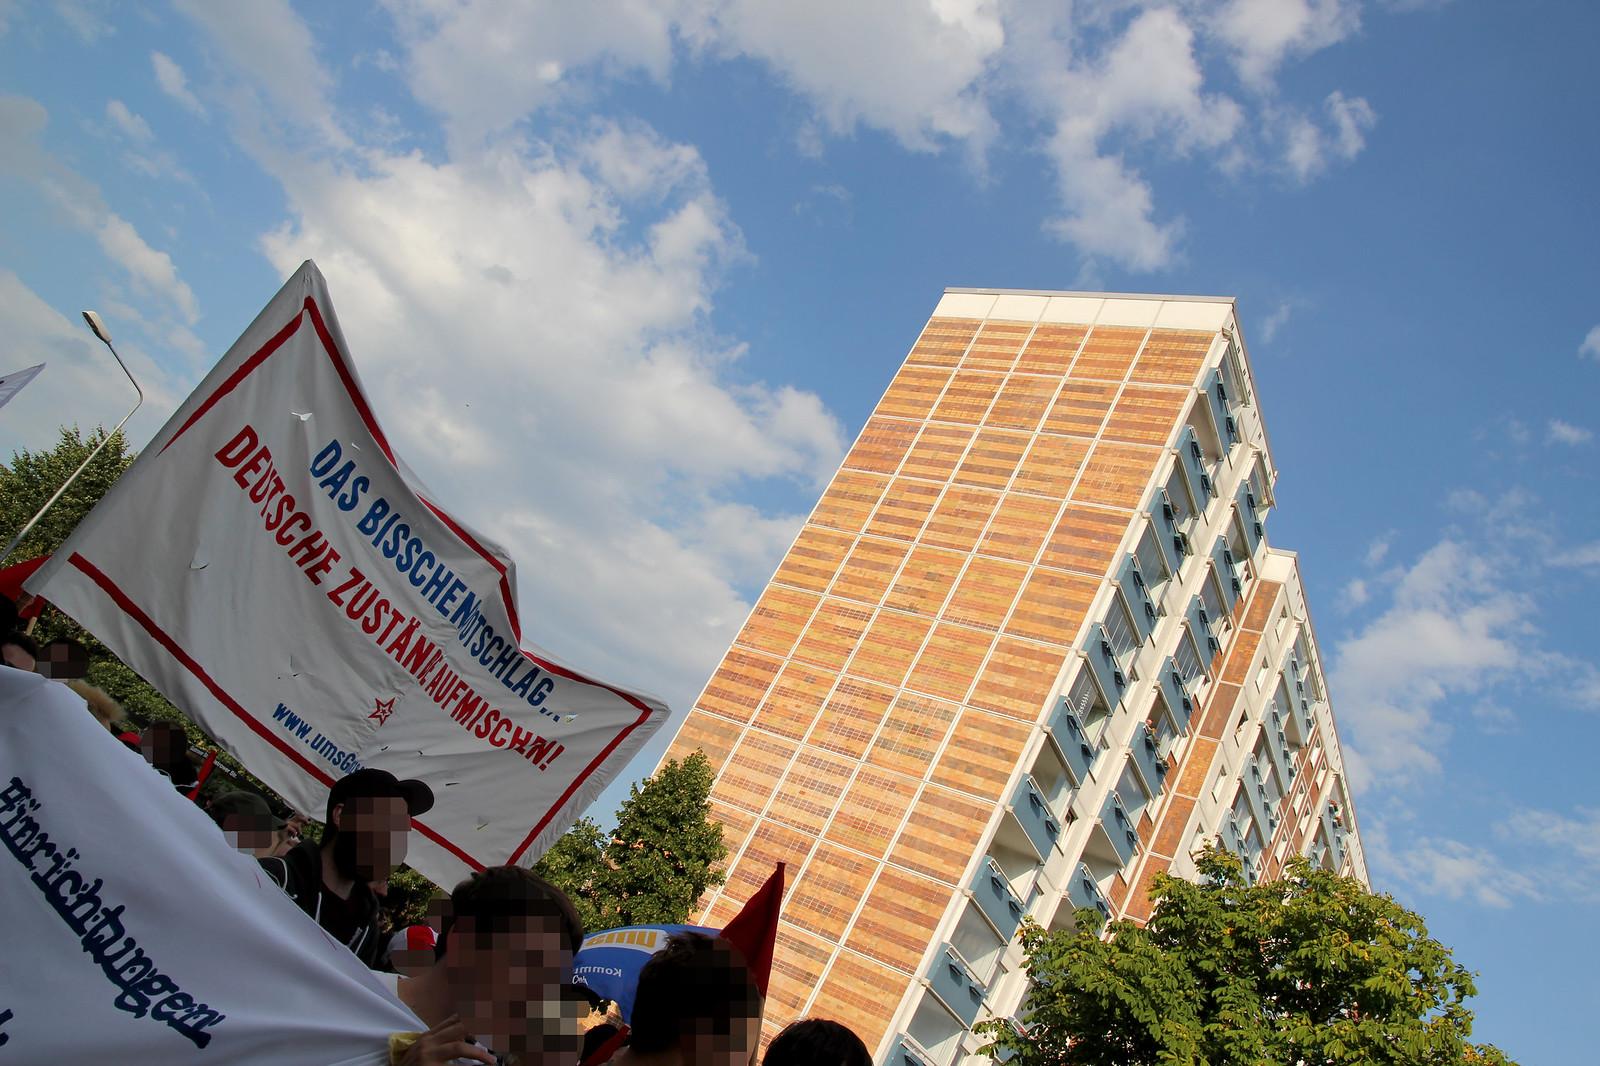 Antifaschistische Demo '20 Jahre nach dem Pogrom' am 25.08.2012 in Rostock-Lichtenhagen 26 | by agfreiburg